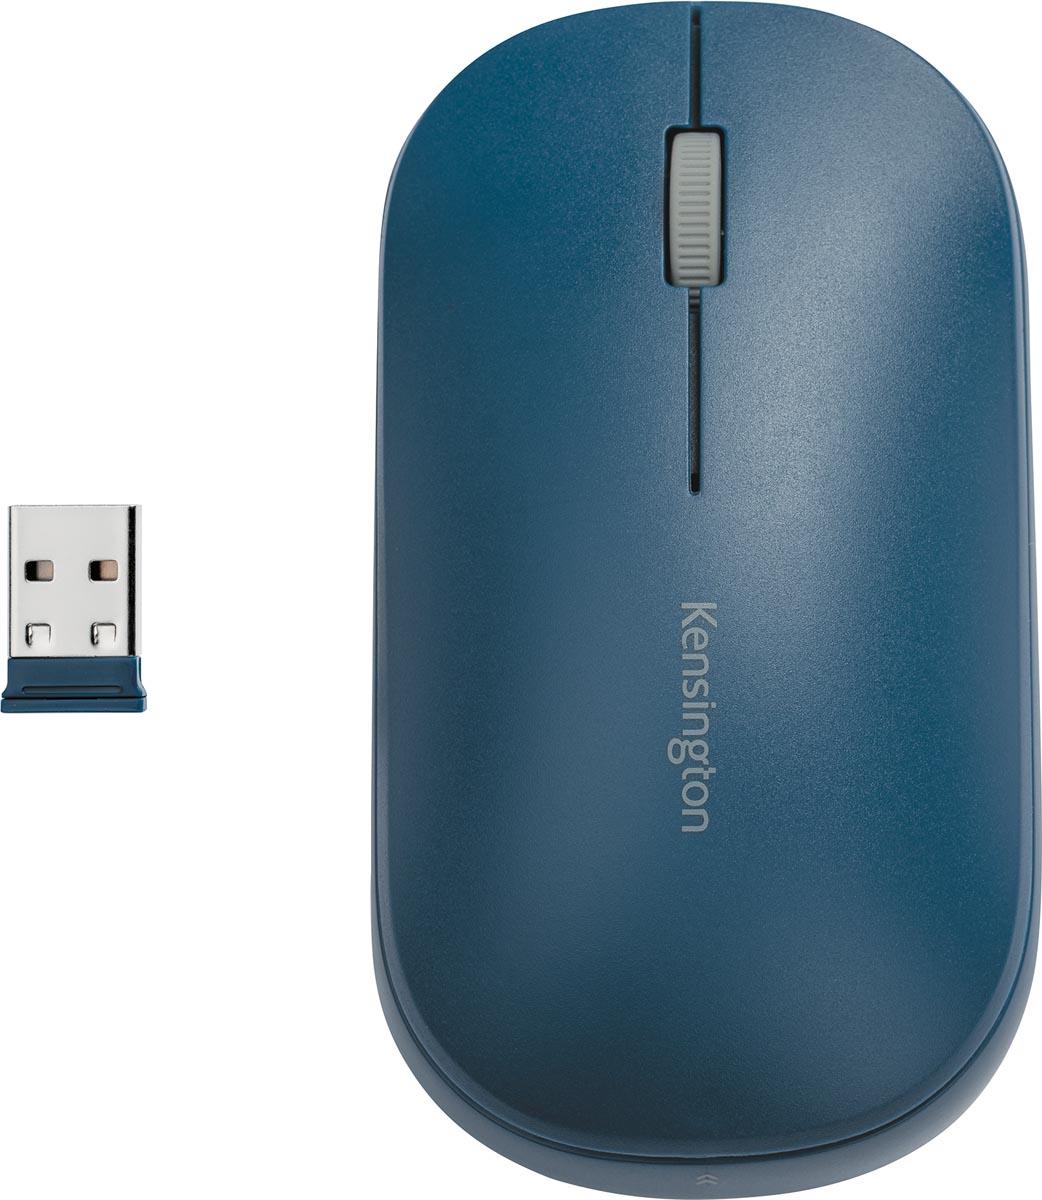 Kensington SureTrack Dual draadloze muis, blauw